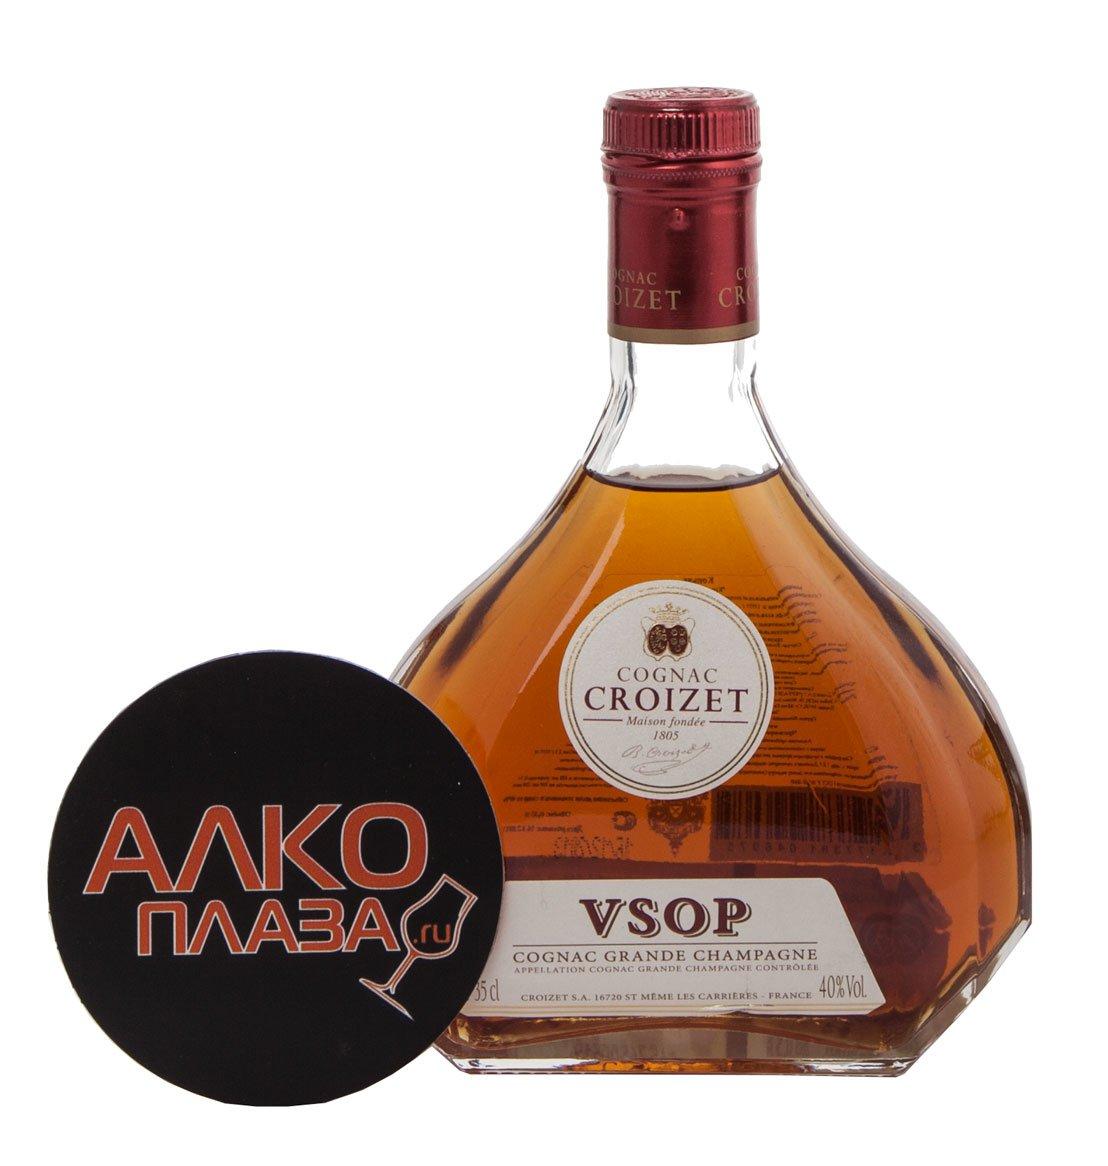 Croizet VSOP 0,35 купить коньяк Круазе ВСОП 0,35 л. цена